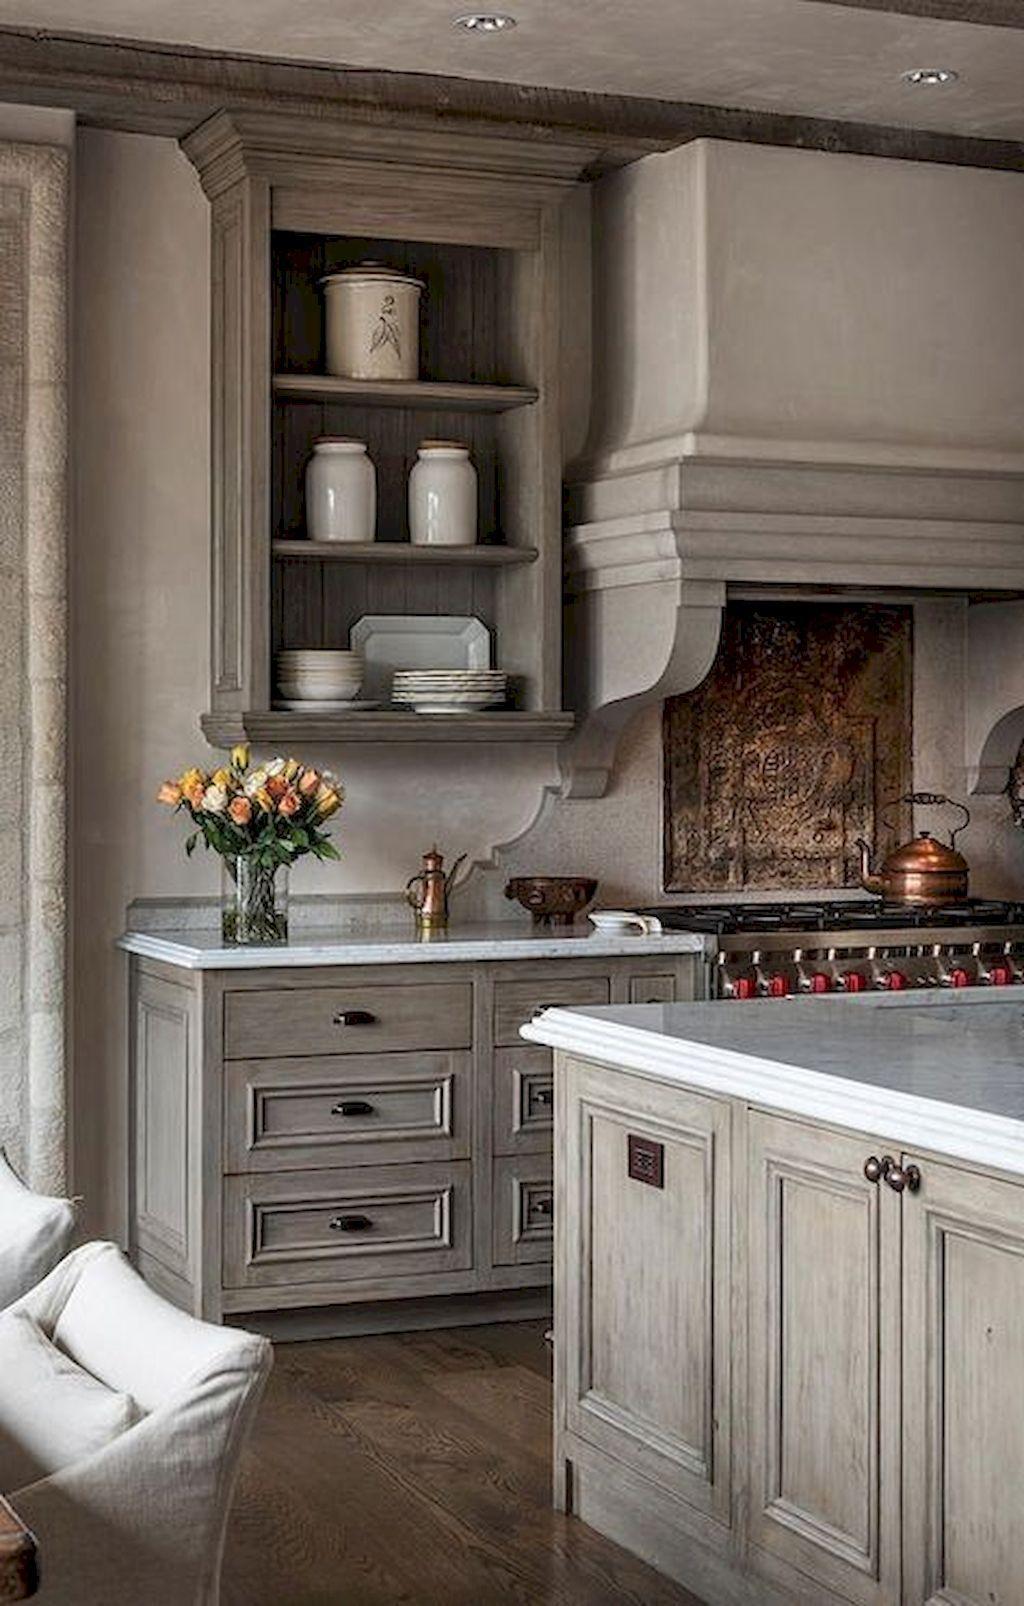 95 Best Farmhouse Kitchen Cabinet Makeover Design Ideas Country Kitchen Designs Kitchen Cabinets Decor Kitchen Cabinets Makeover